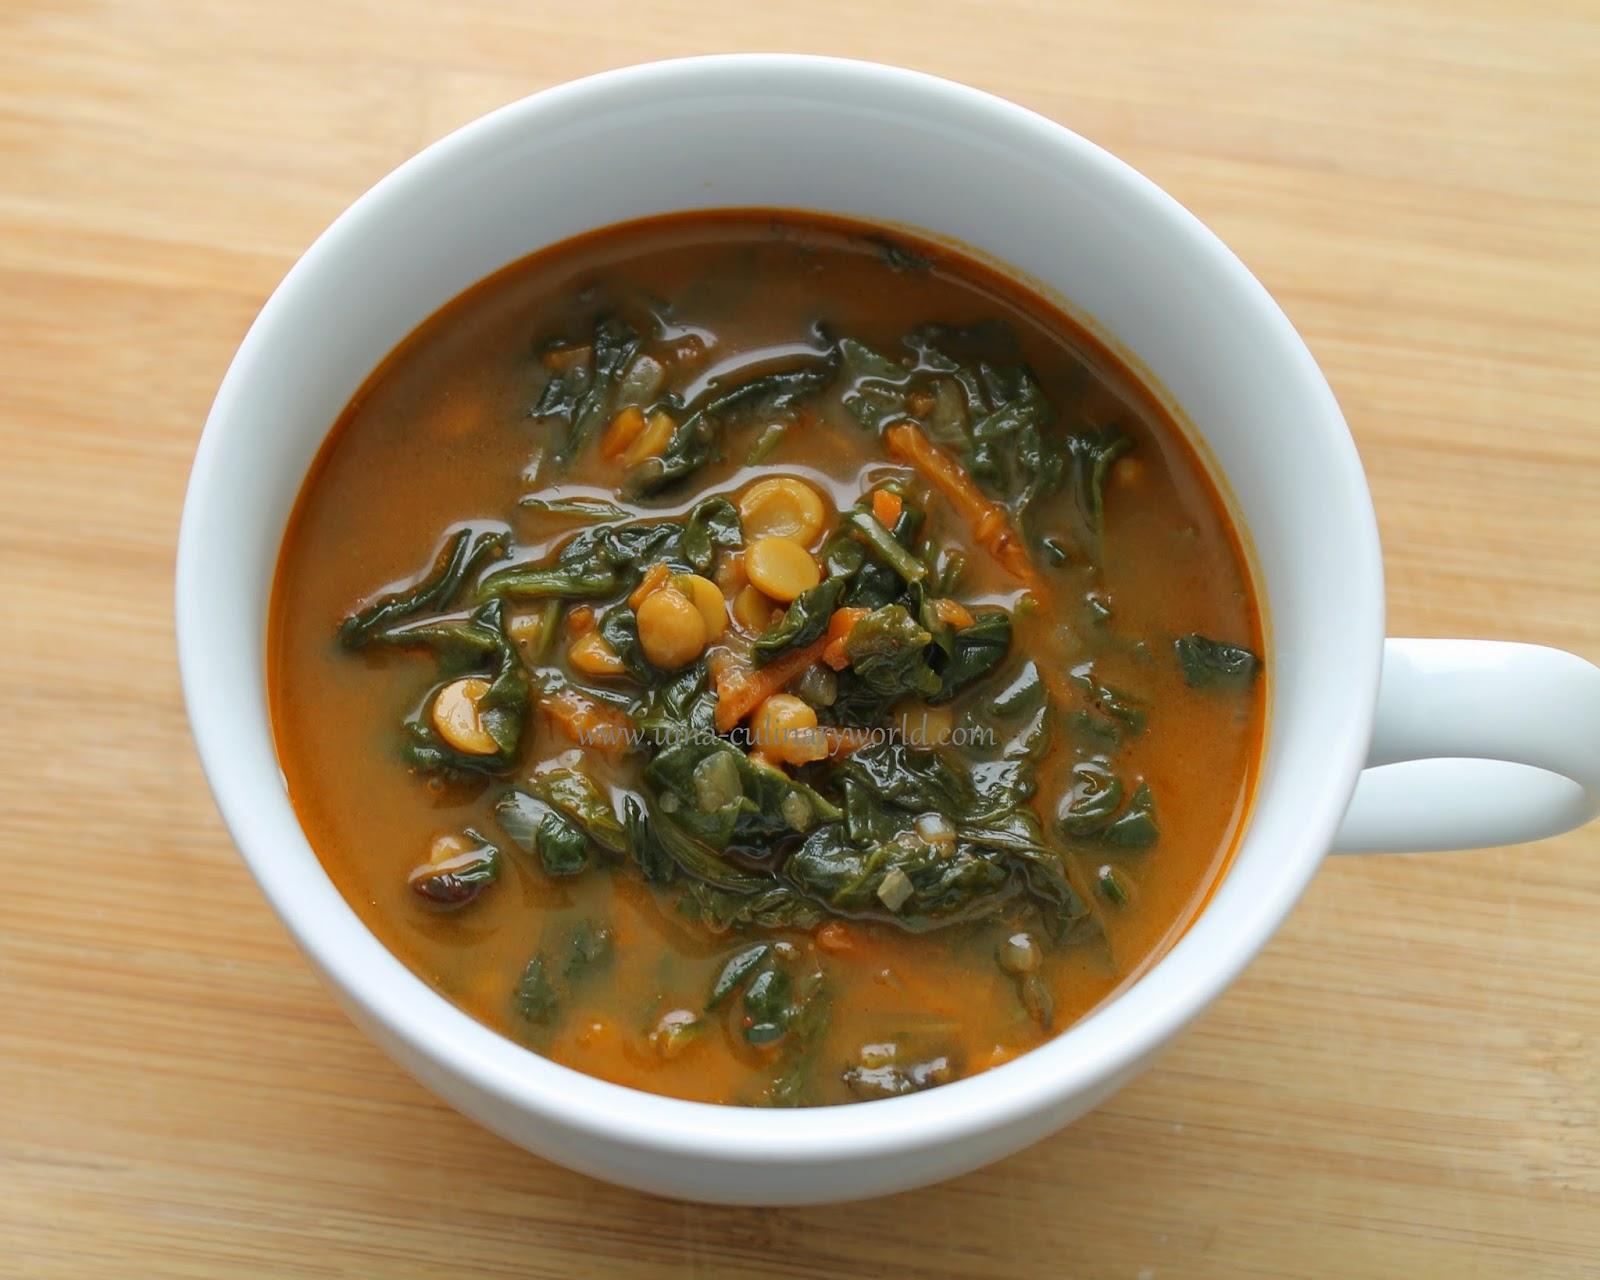 Mixed Vegetables Lentil Soup